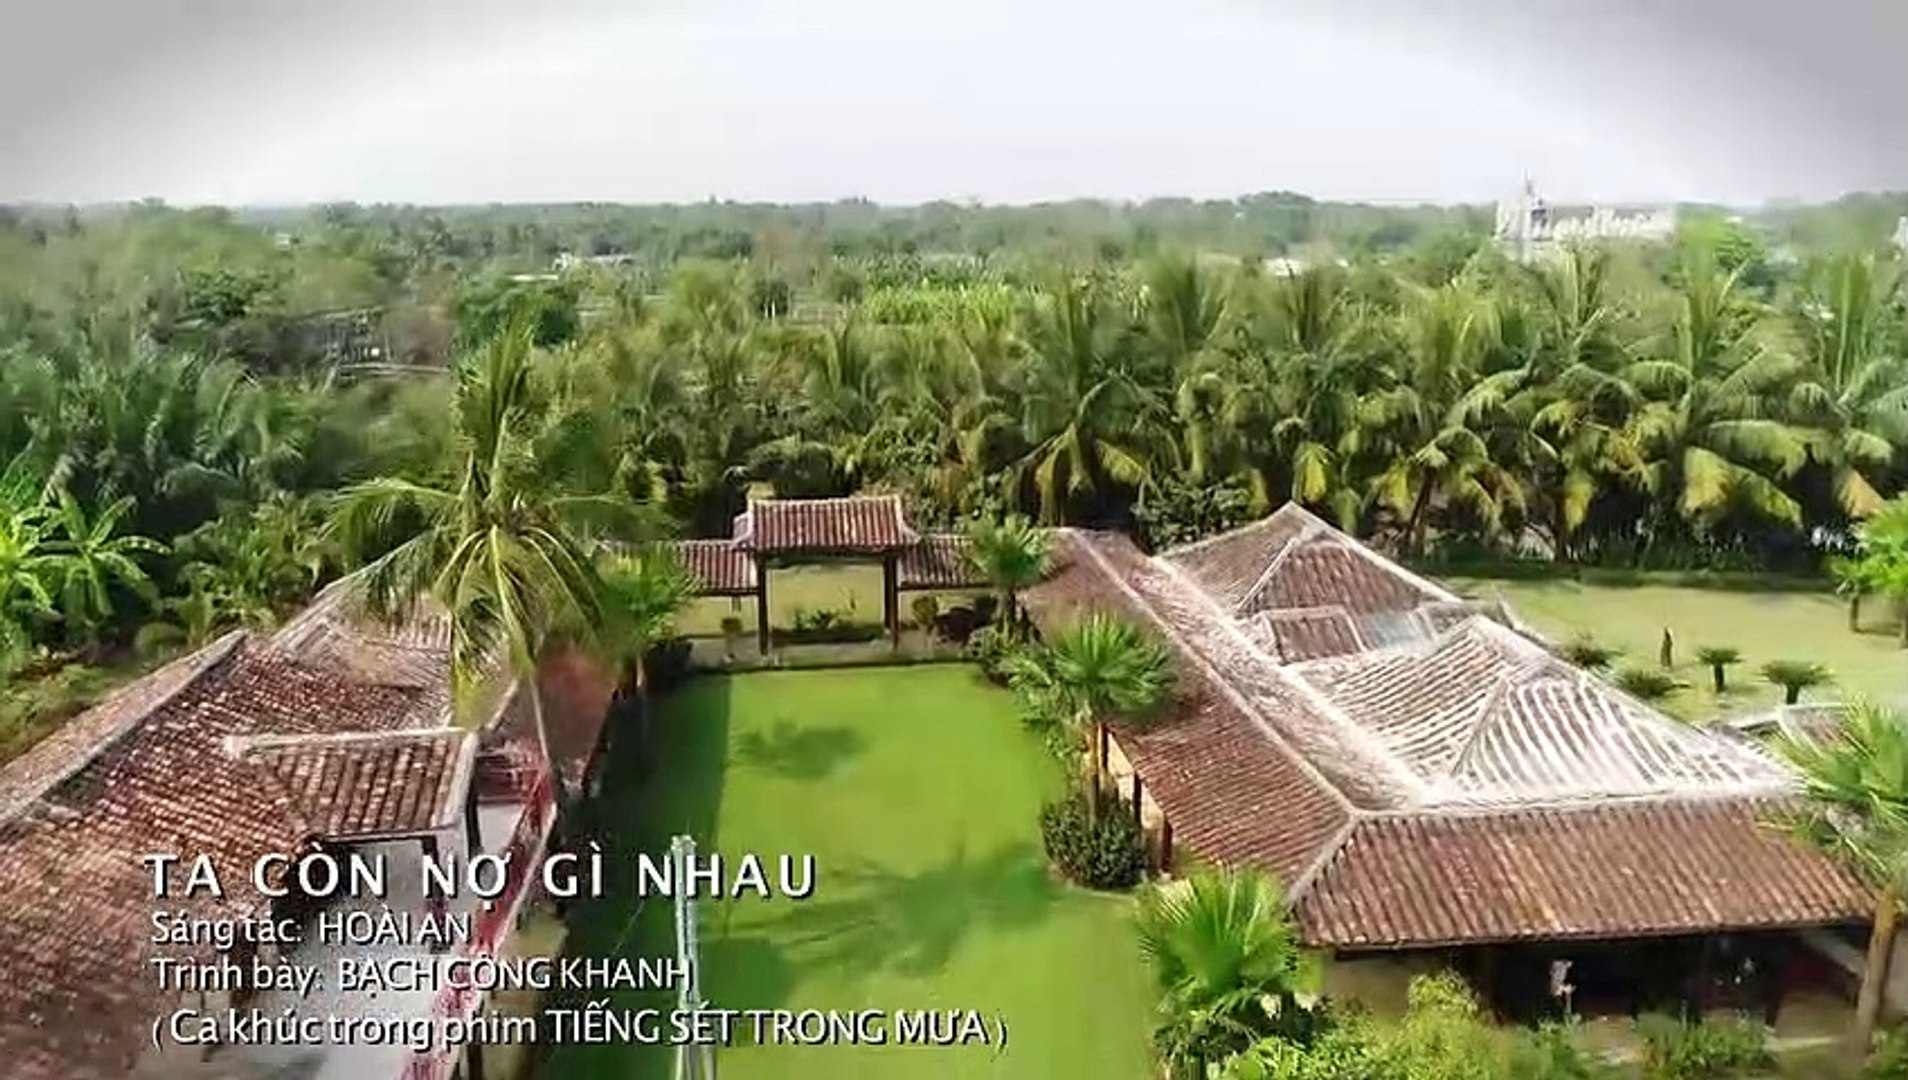 MV - TIẾNG SÉT TRONG MƯA - Ta Còn Nợ Gì Nhau - Lyric ( Sáng Tác- Hoài An, Ca SĨ- Bạch Công Khanh )